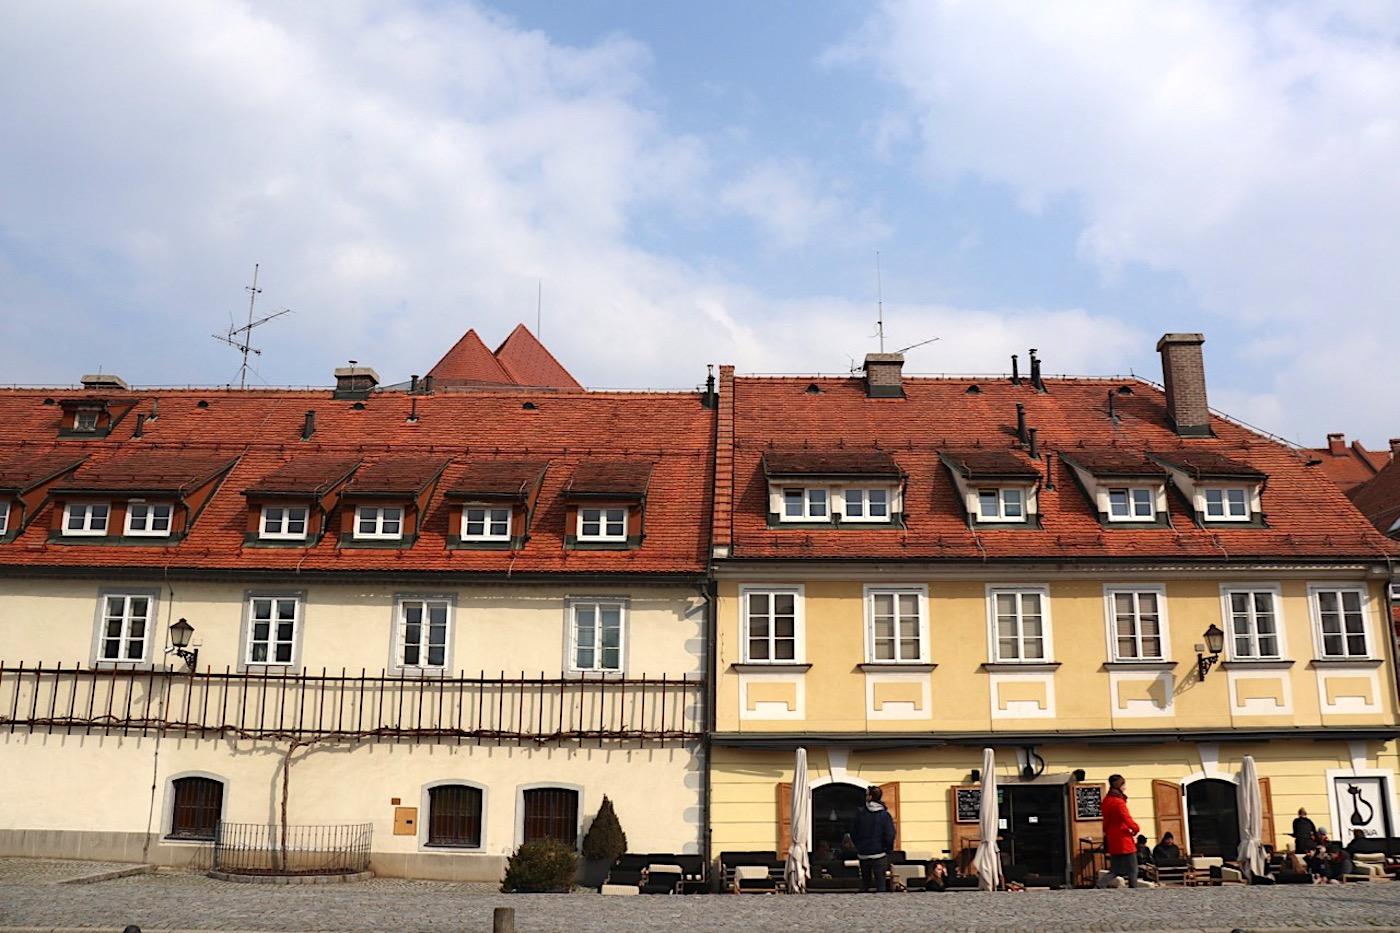 """Alt. Die """"Stara trta"""" ist mit 400 Jahren der älteste Weinstock der Welt. Der Pflanze ist das Museum """"Haus der Alten Rebe"""" gewidmet, im Bild links."""